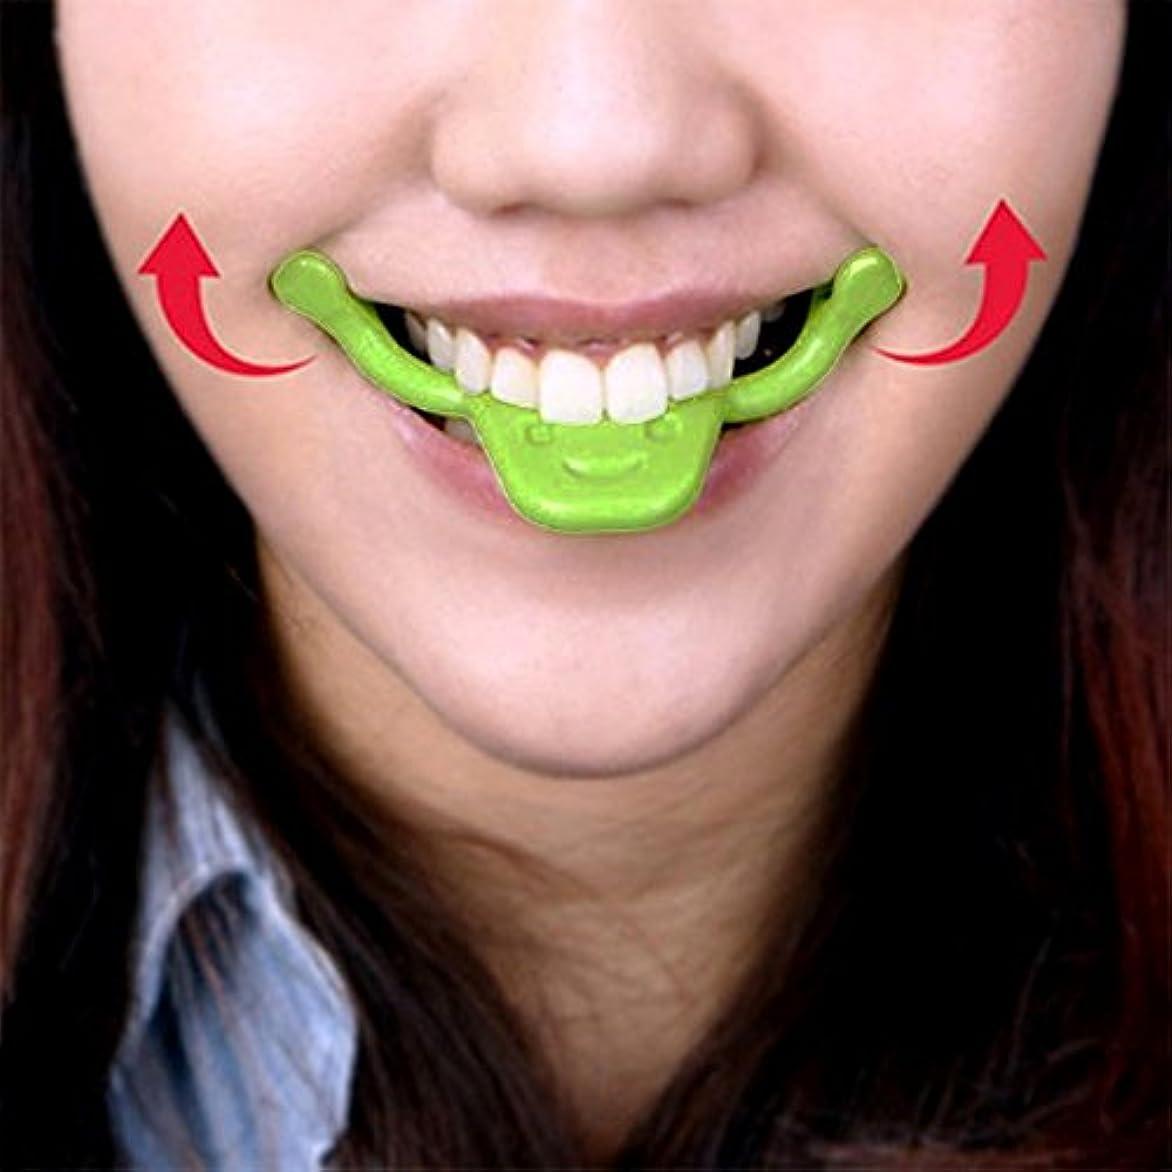 加害者買う端末表情筋 トレーニング 小顔 ストレッチ ほうれい線 二重 あご 消す 口角を上げるグッズ 美顔 顔痩せ リフトアップ マウスピース フェイシャルフィットネス (タイプ2)